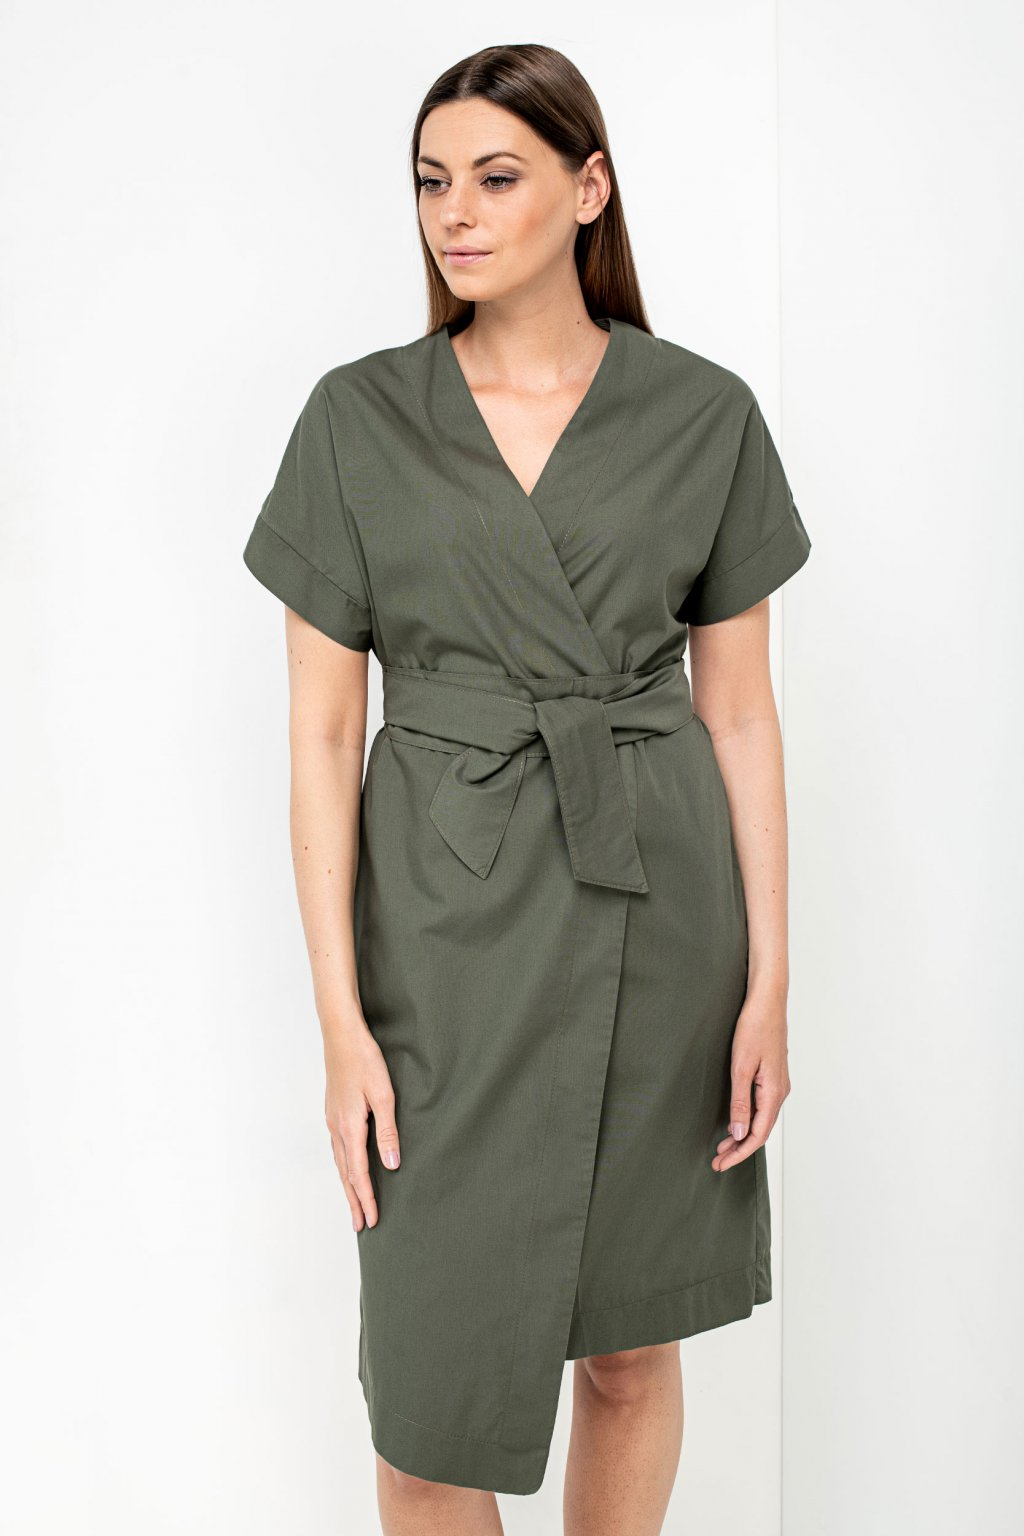 ZIK Kimonové šaty s krátkym rukávom olivovozelené (4)